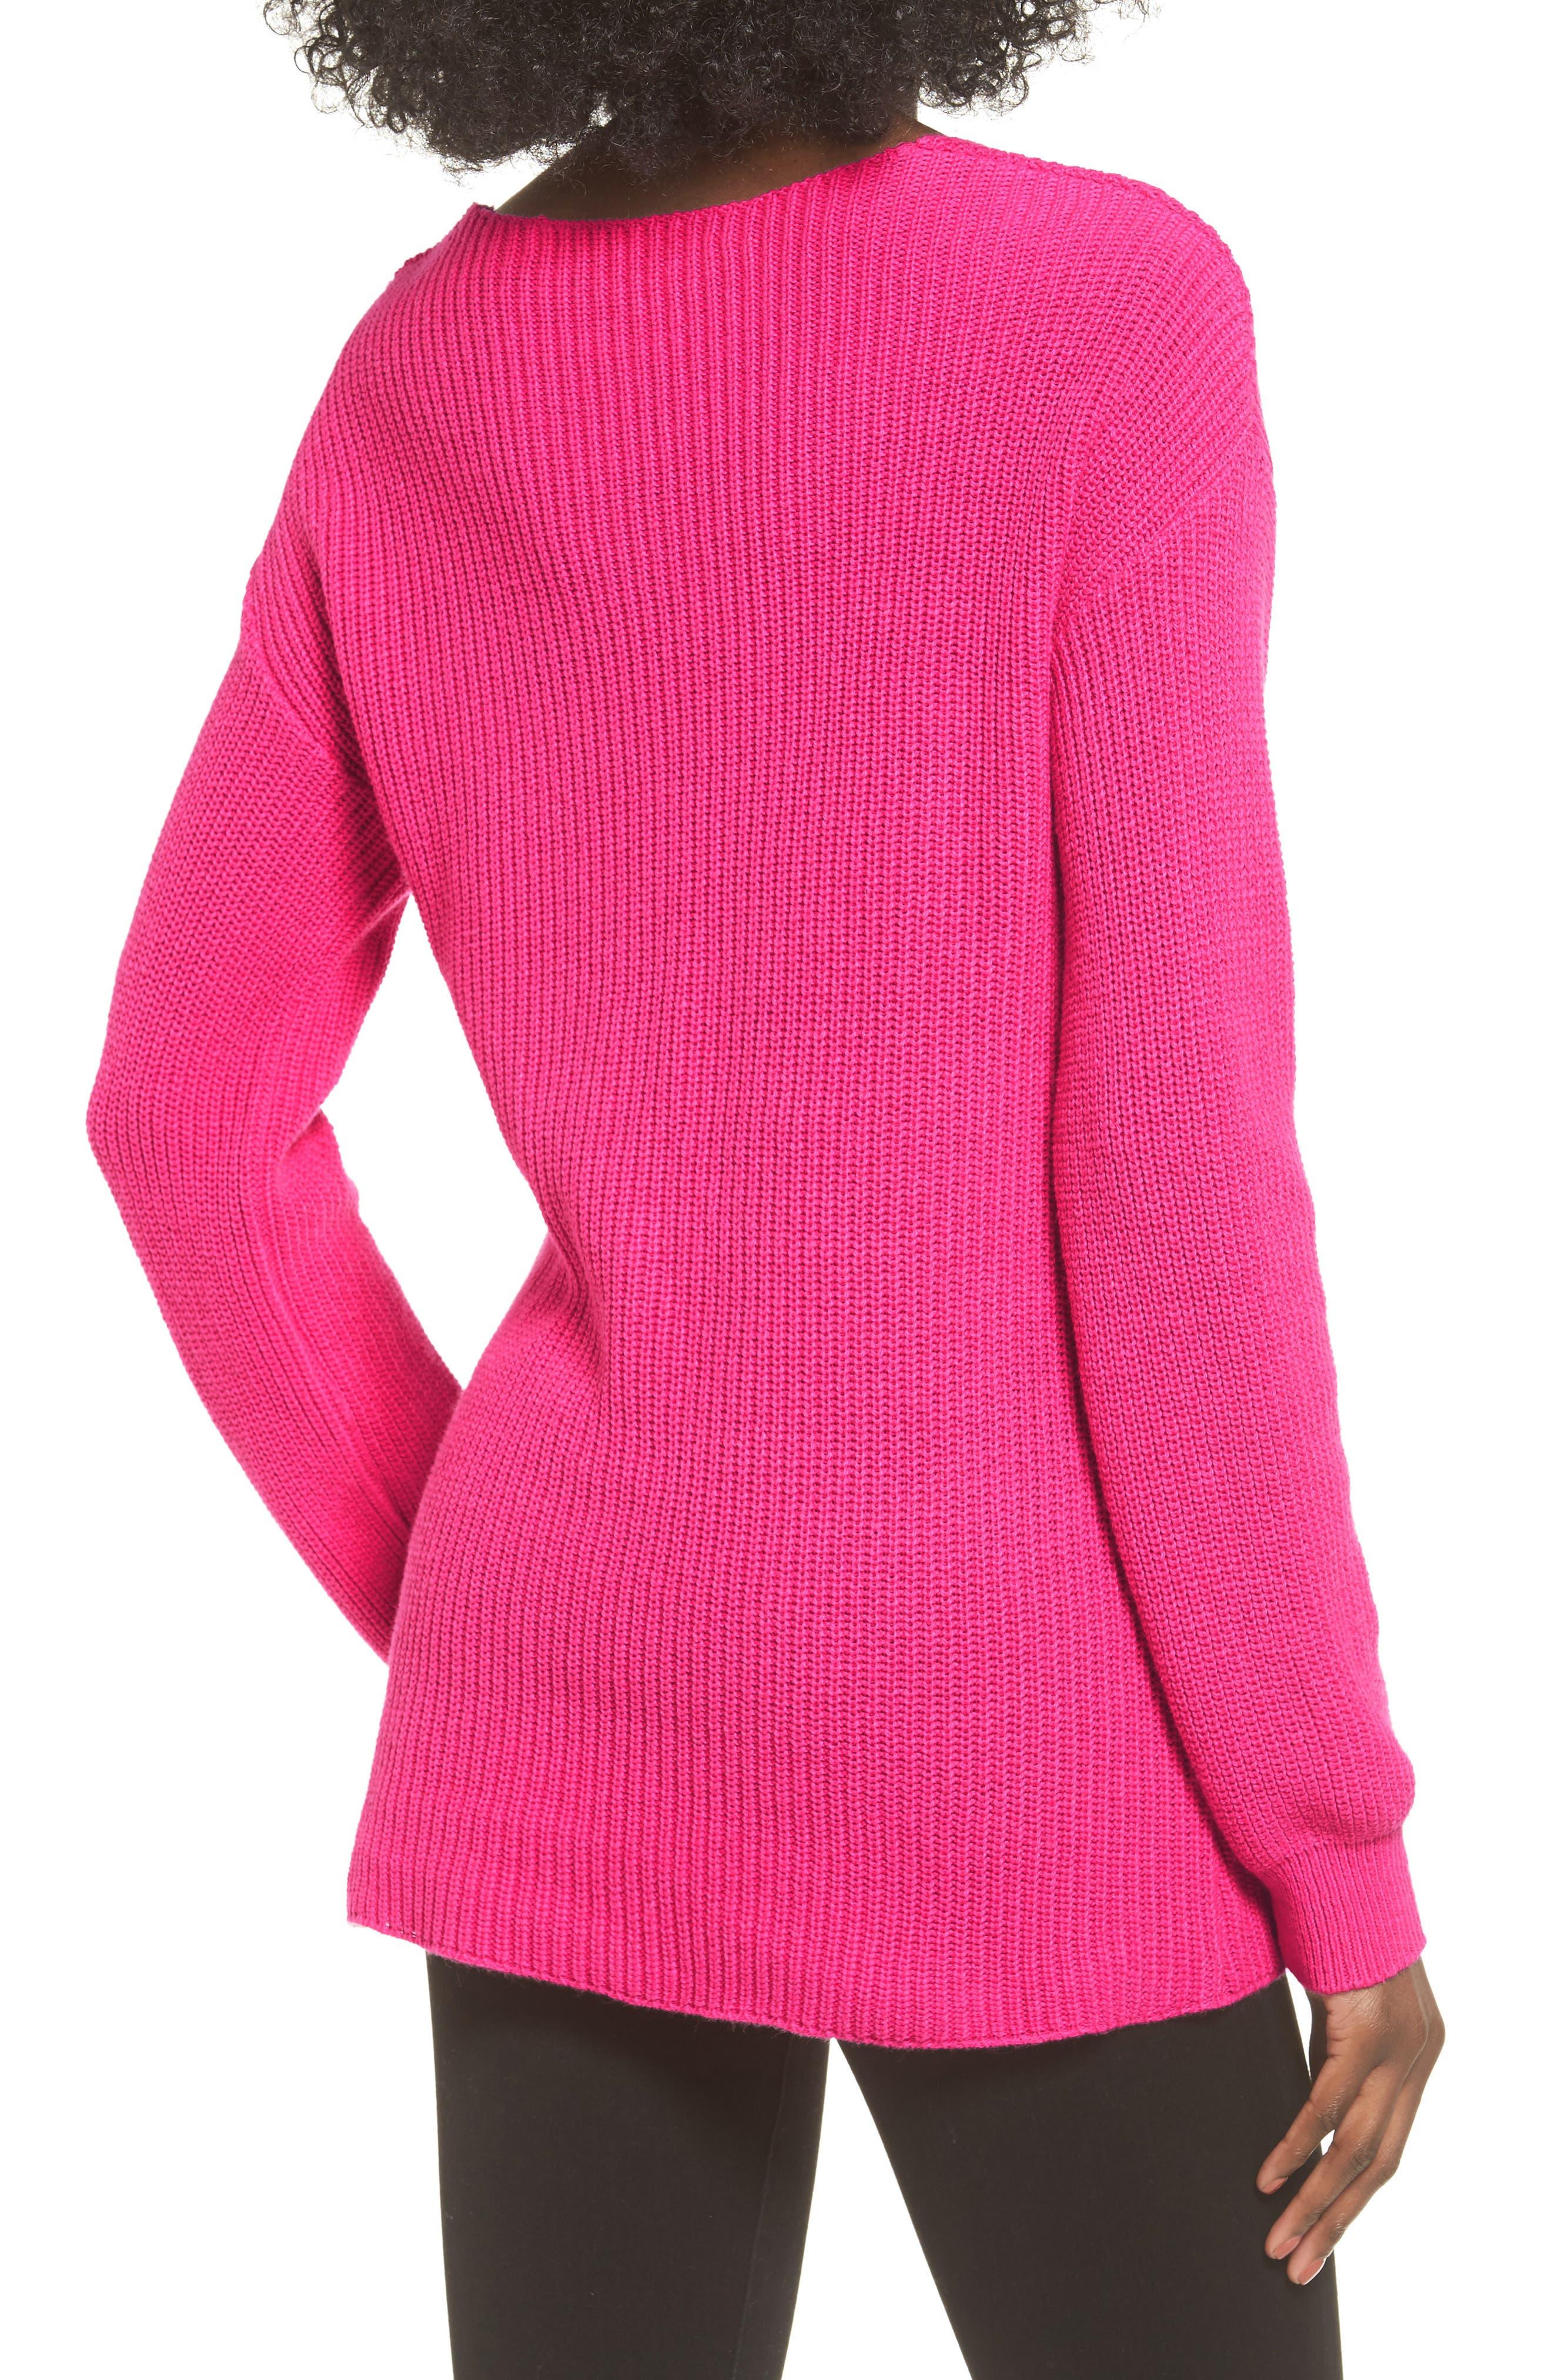 Alternate Image 2  - BP. V-Neck Sweater